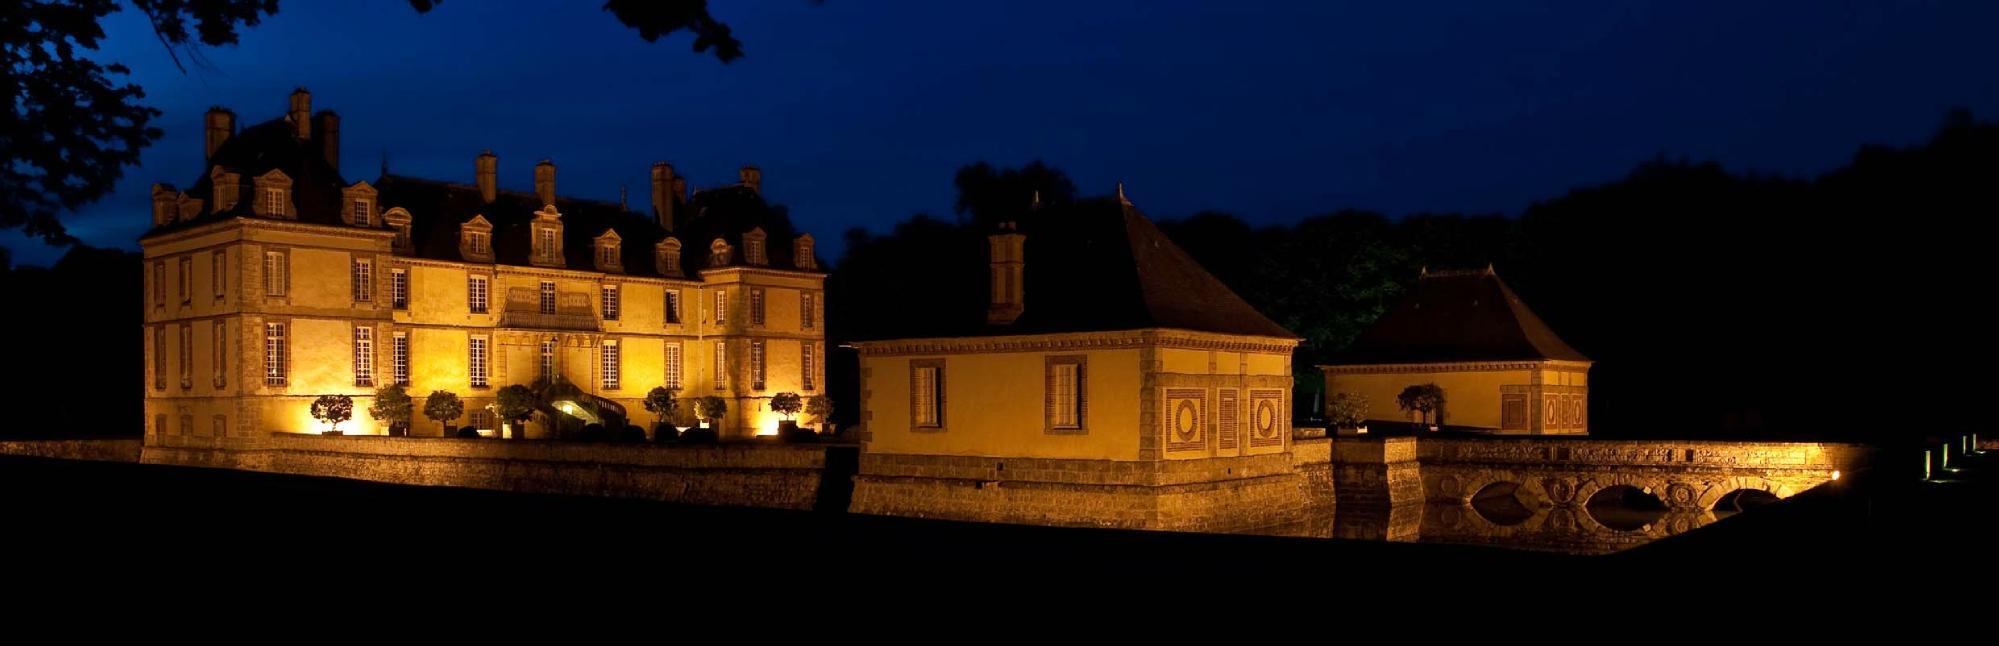 Bourron-Marlotte France  city photo : Chateau de Bourron Bourron Marlotte, France 2016 B&B Reviews ...